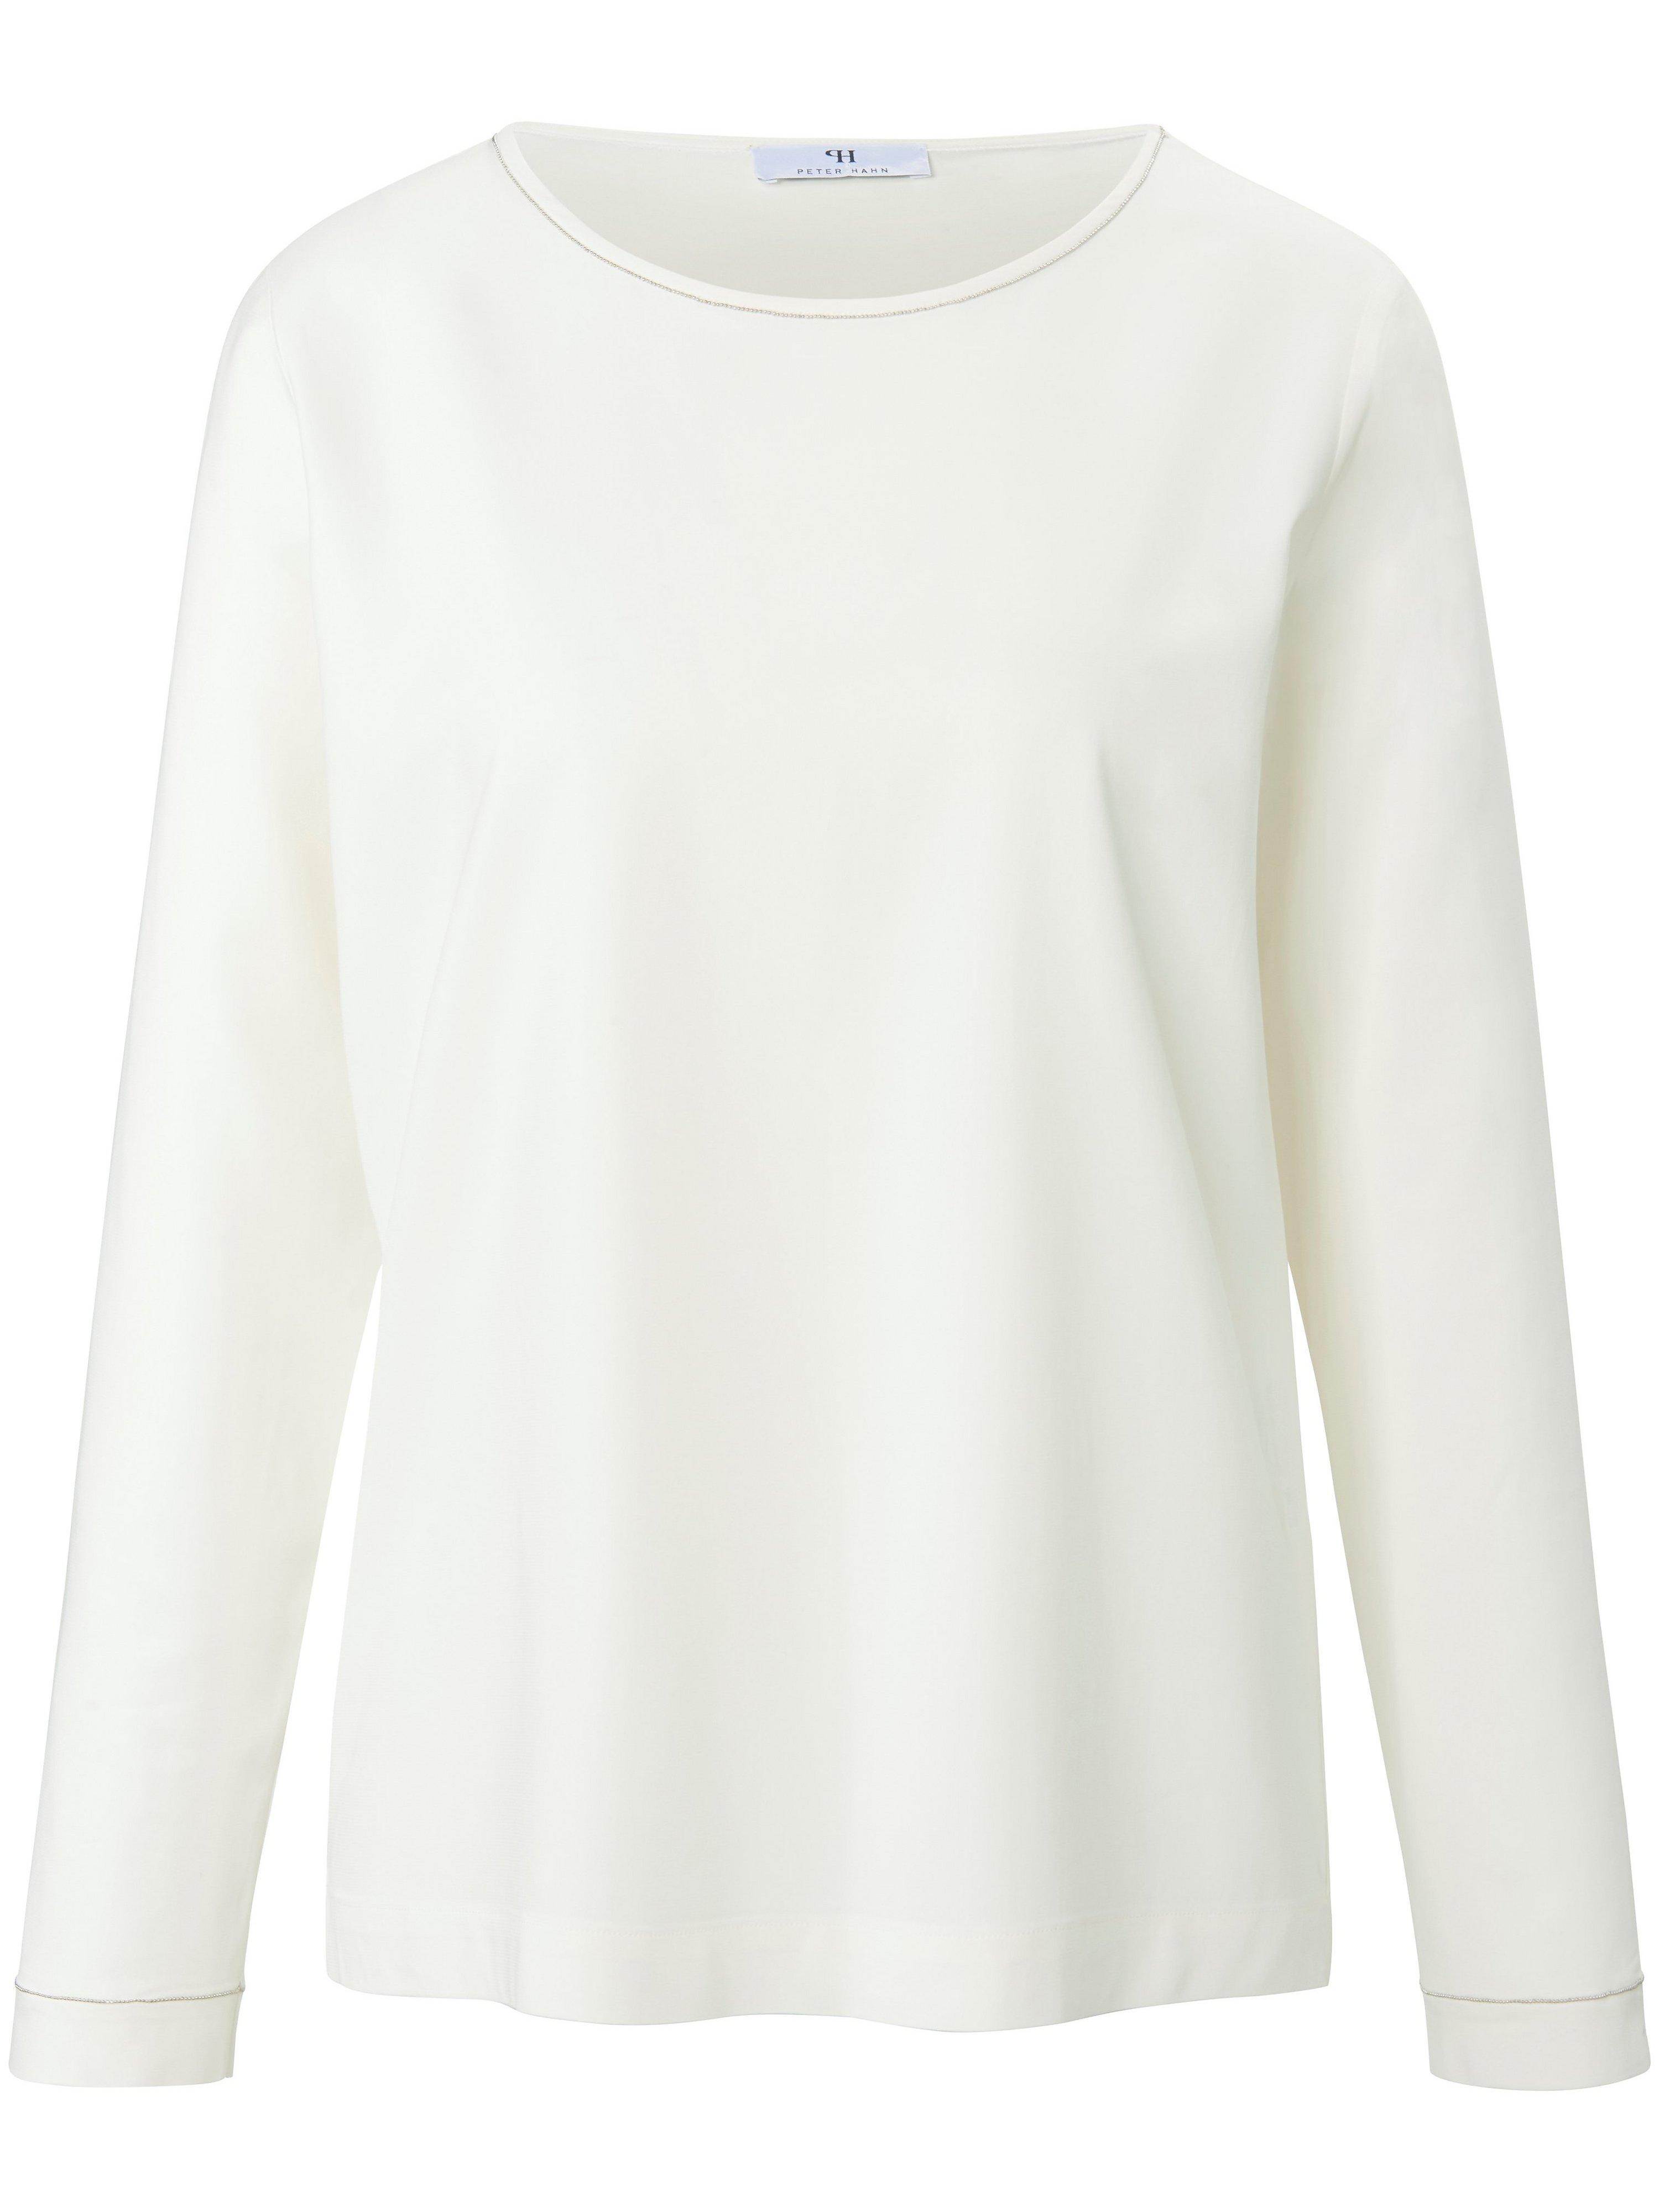 Shirt lange mouwen en zijsplitjes Van Peter Hahn wit